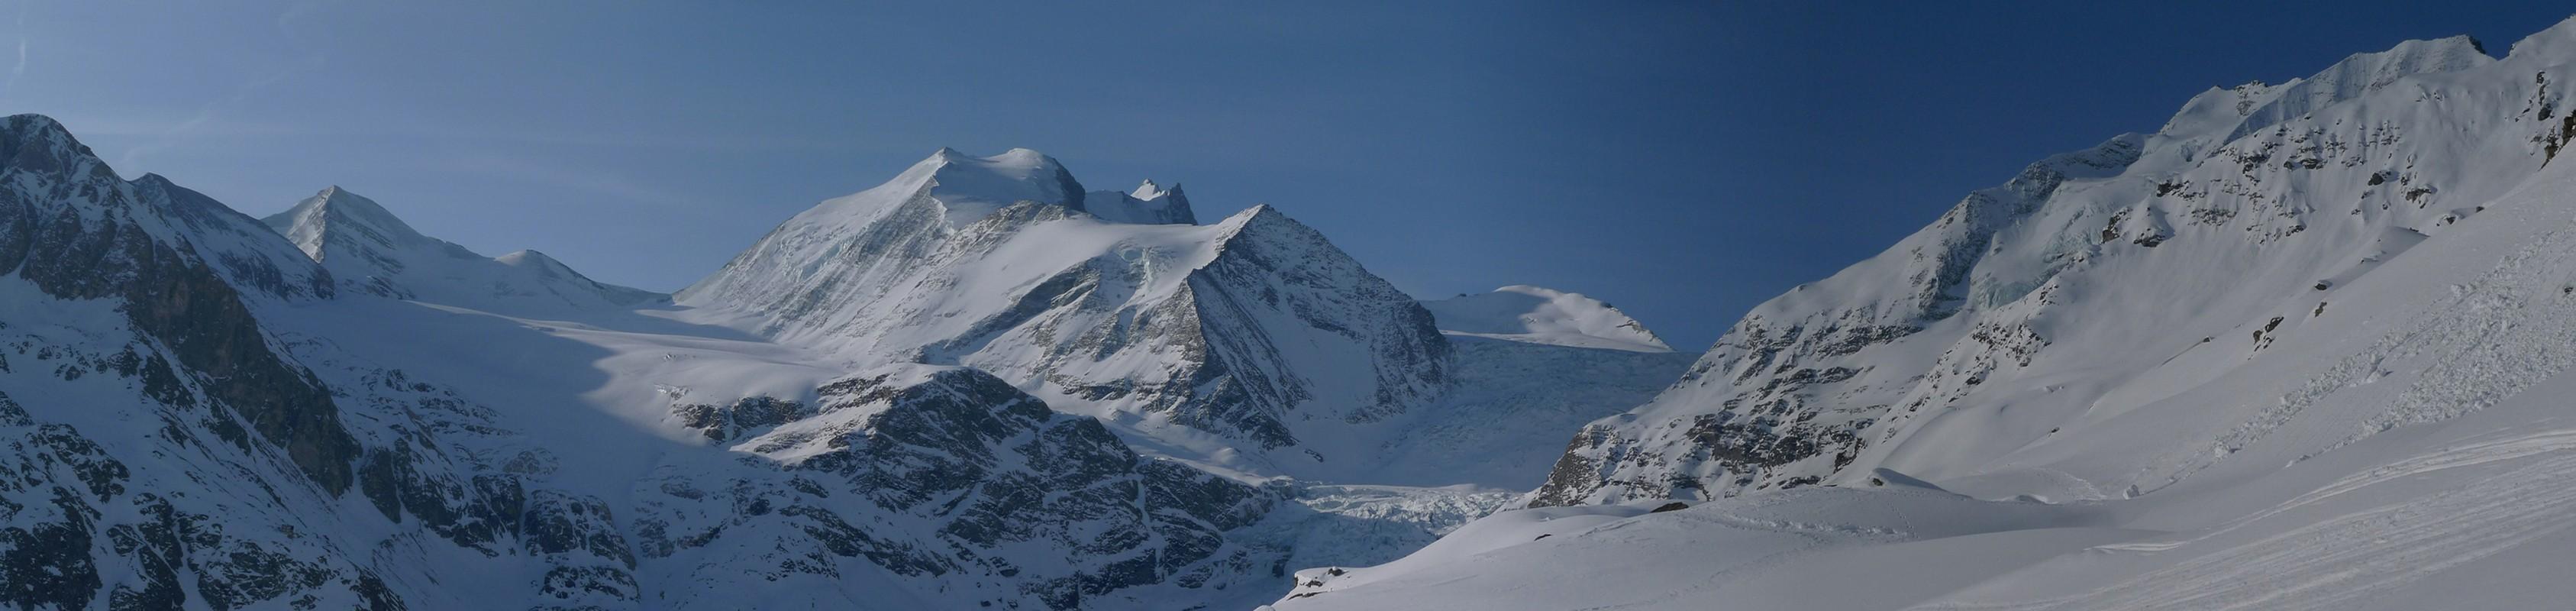 Turtmannhütte / Cabane Tourtemagne  Walliser Alpen / Alpes valaisannes Switzerland panorama 11